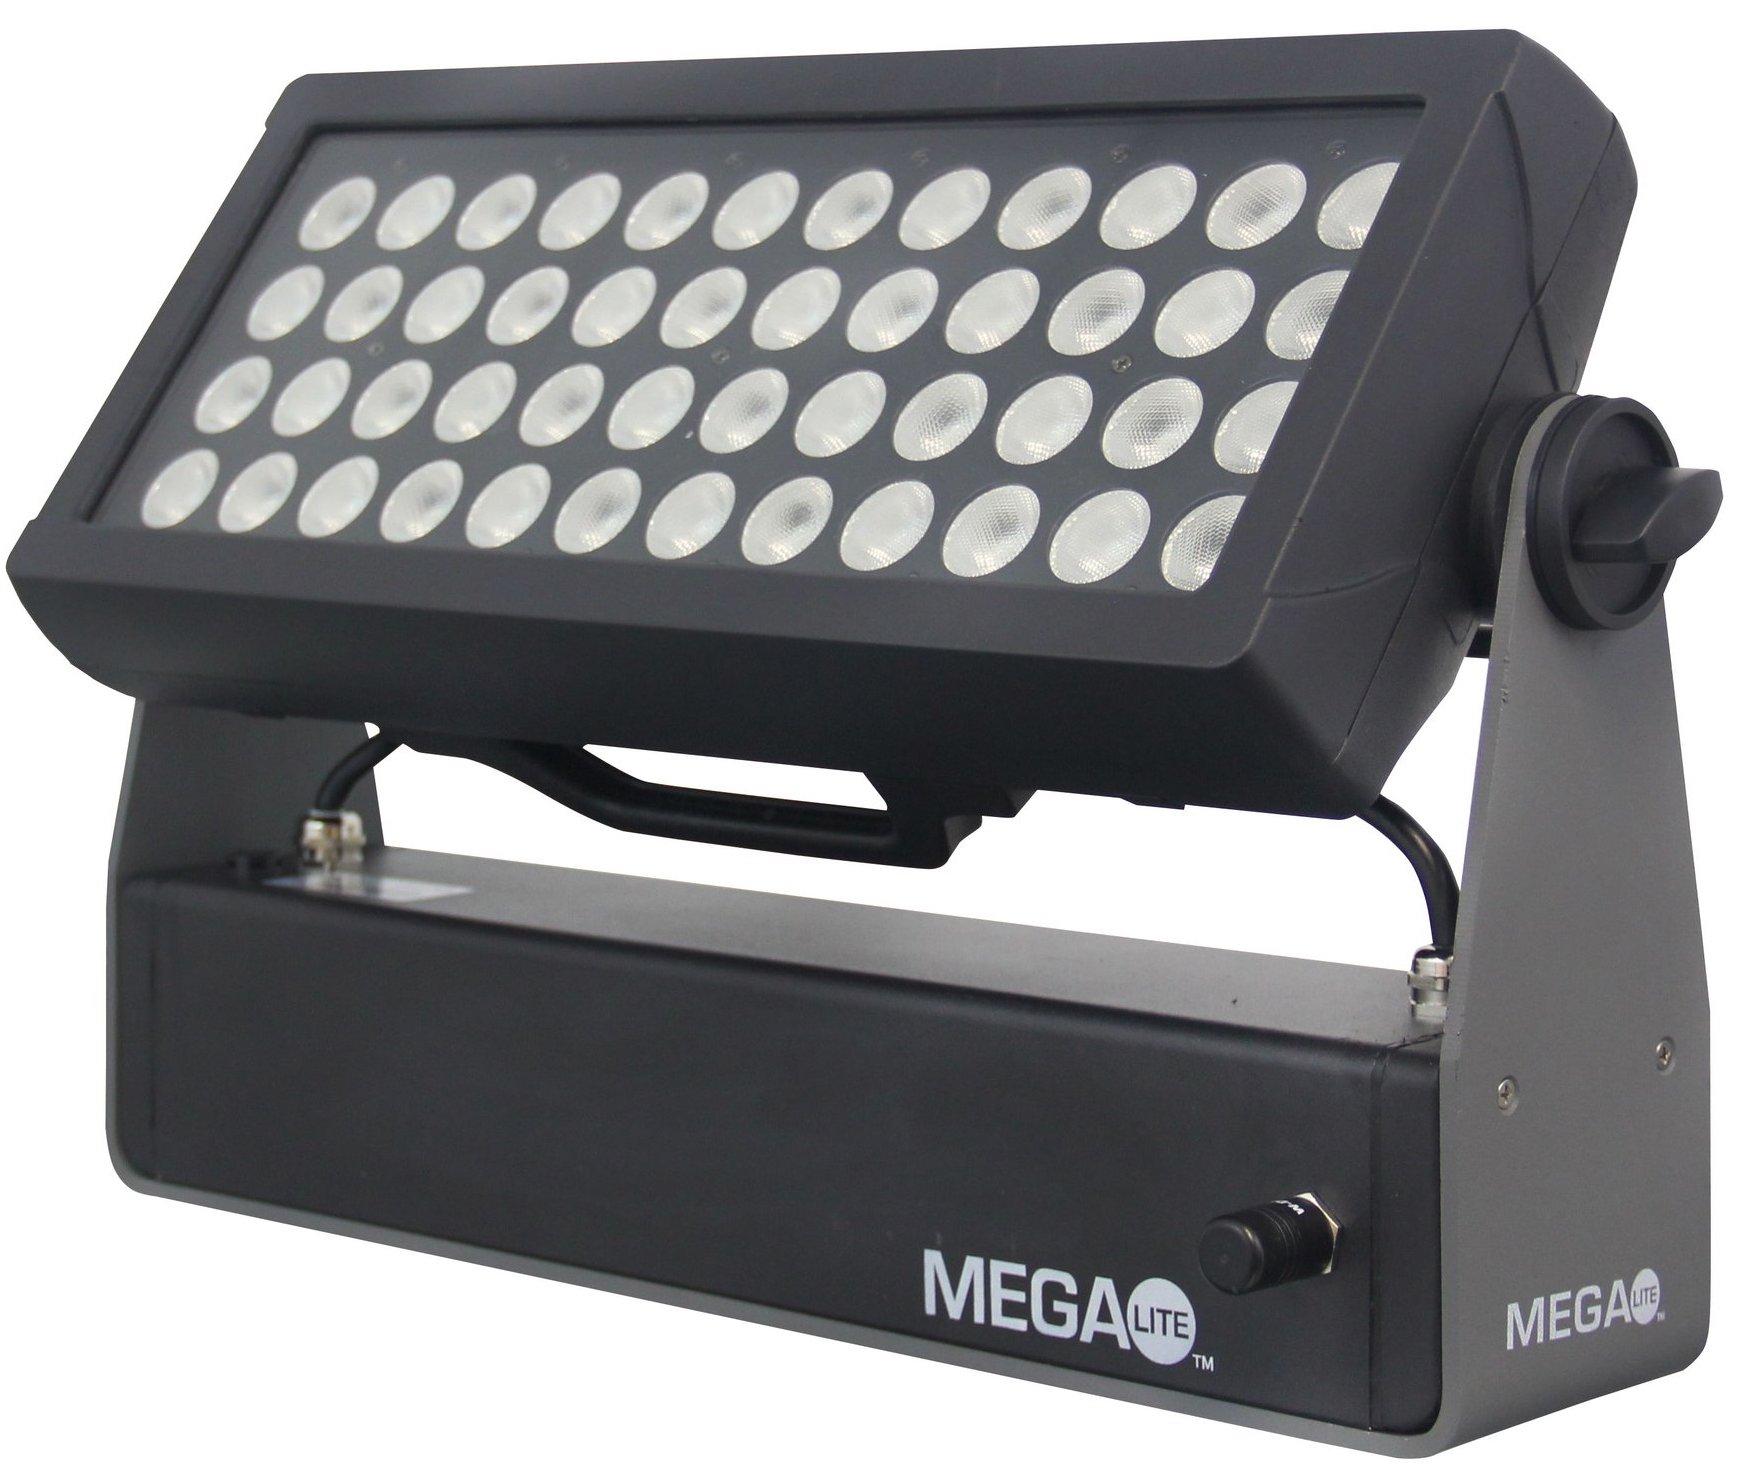 mega-lite-outshine-q500.jpeg